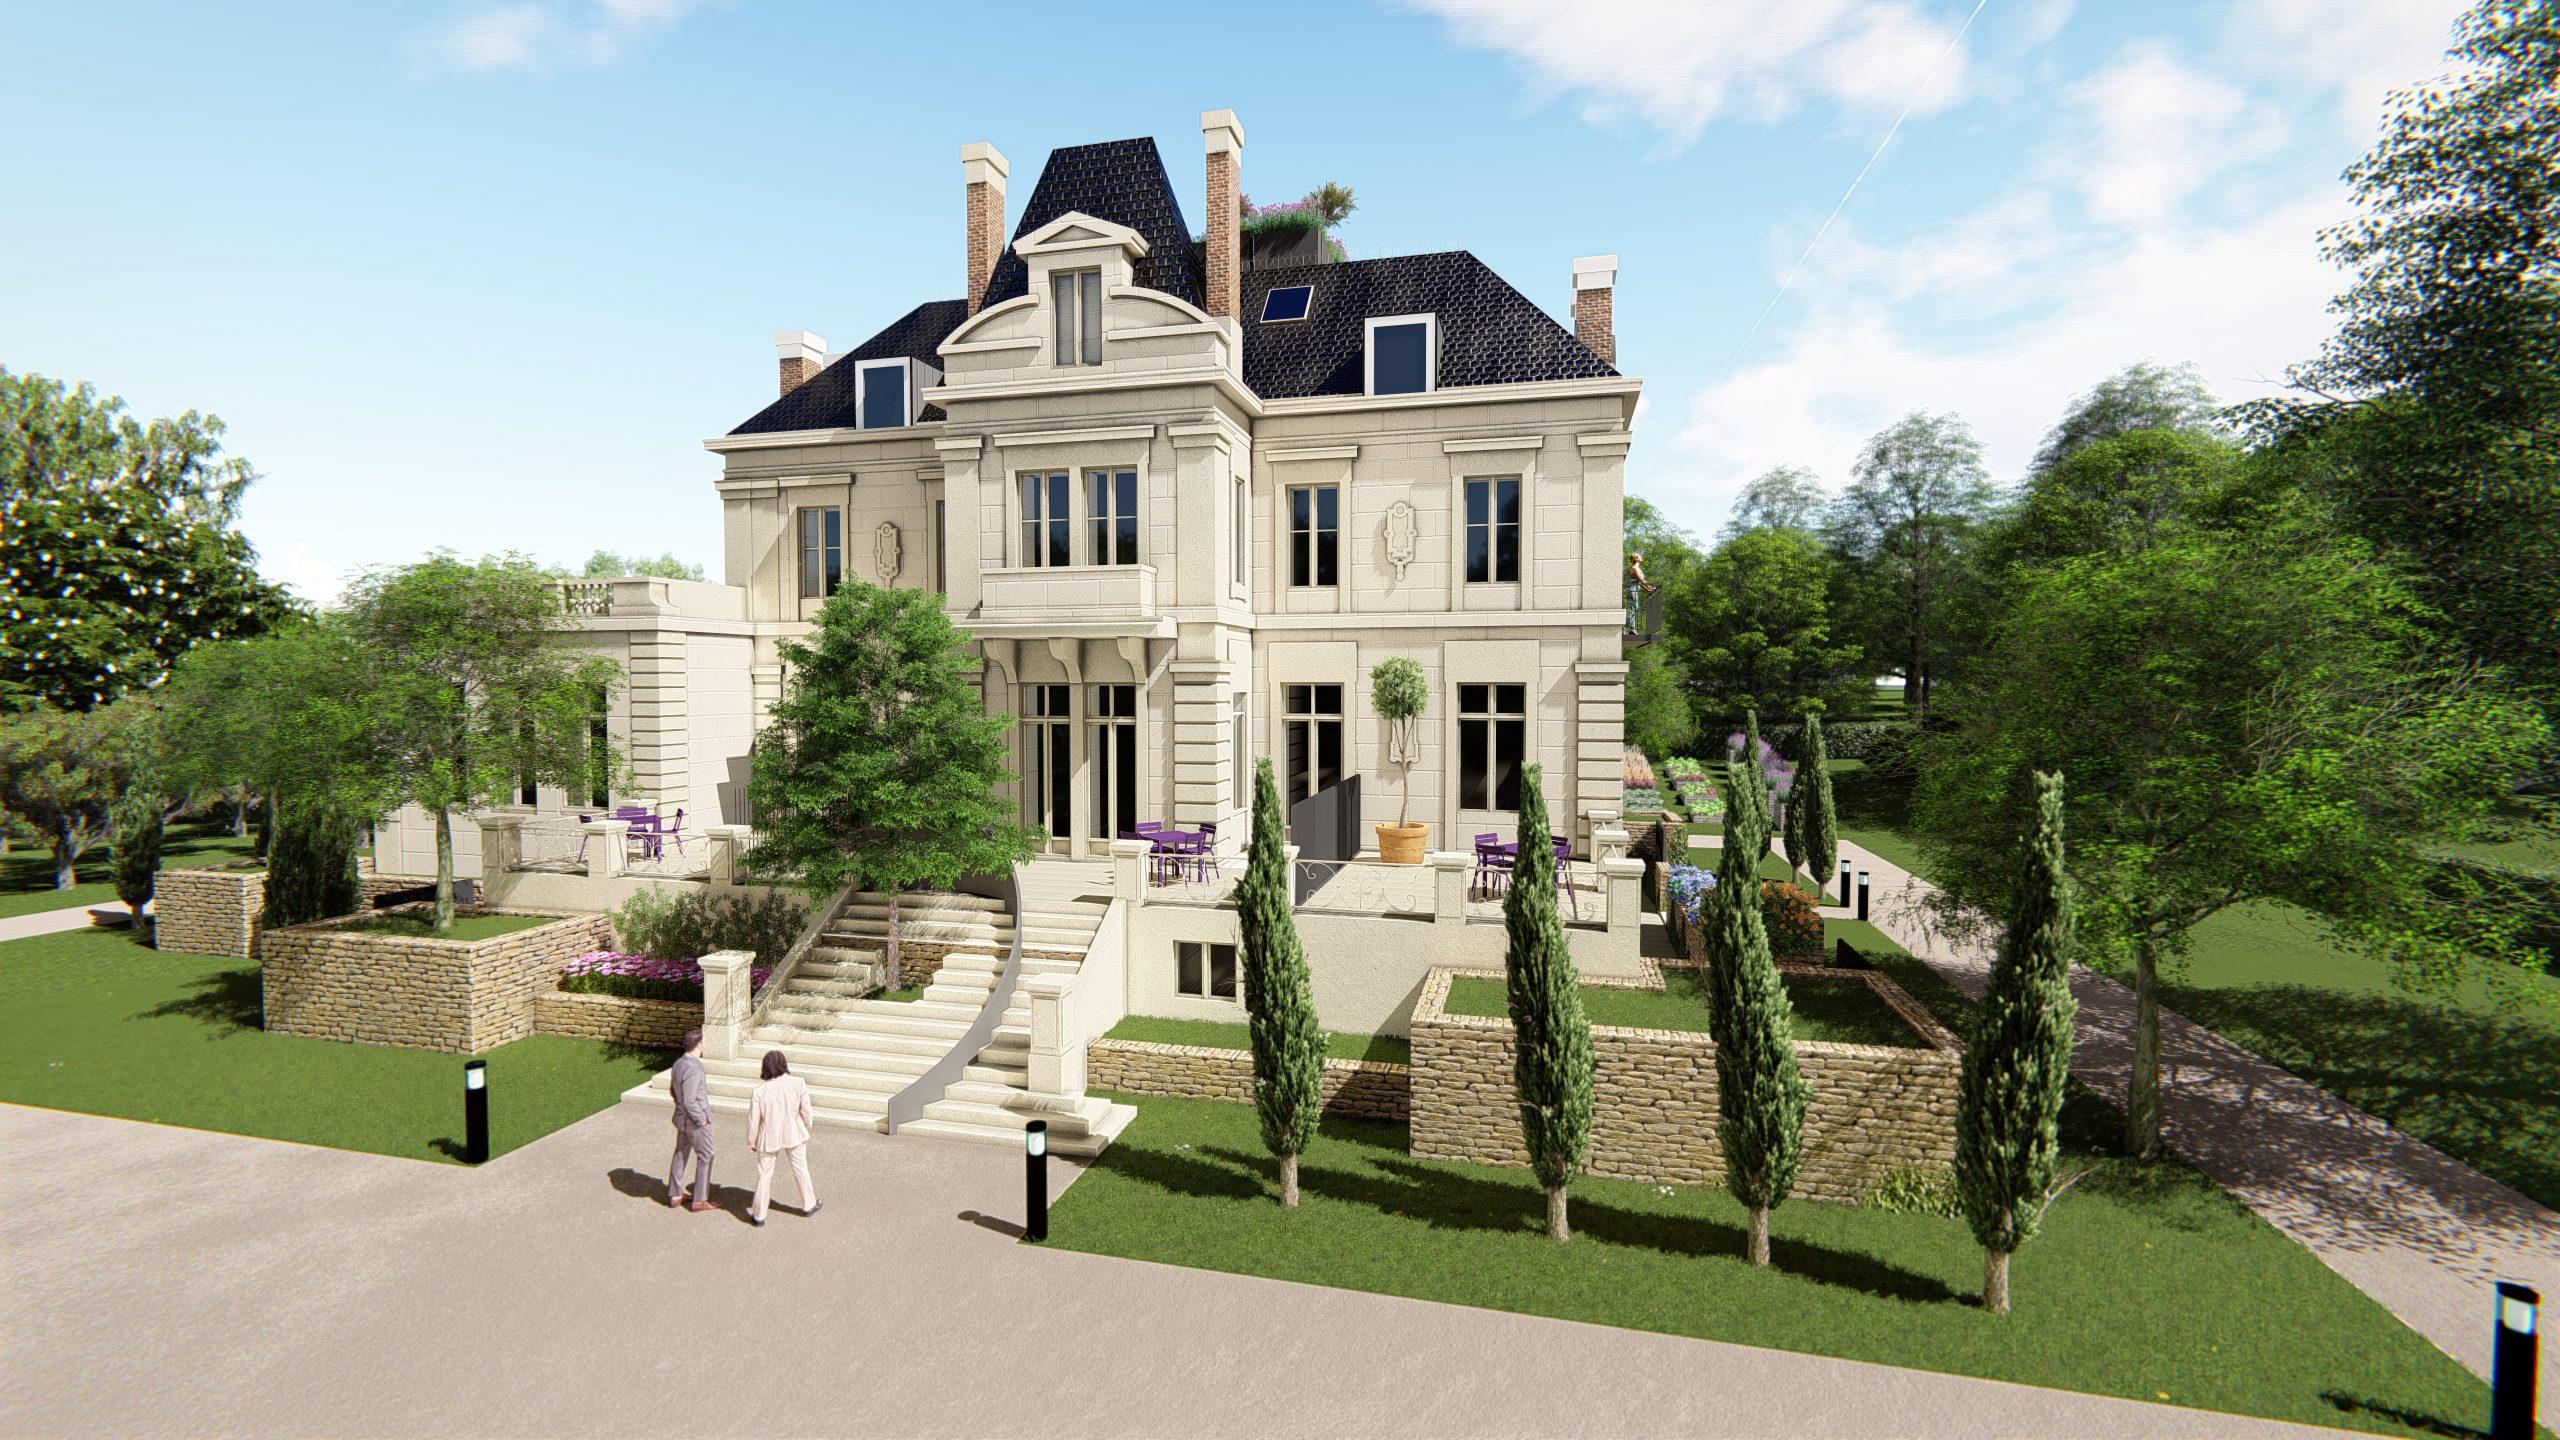 Vue 3D du château de Bagatelle vue de l'entrée